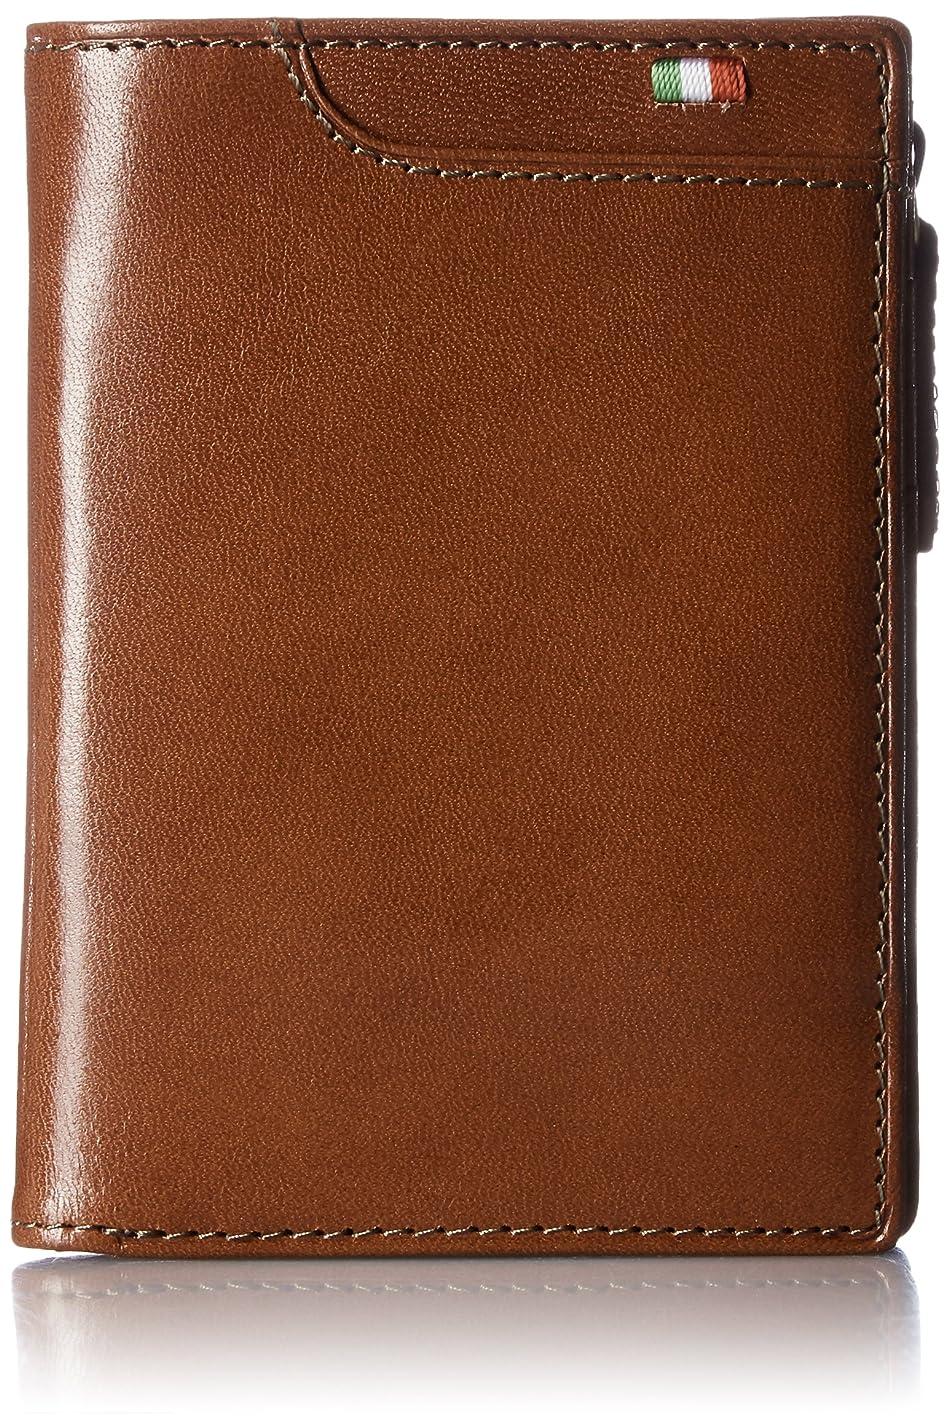 パッド推定する例財布 二つ折り財布 小銭入れ タンポナートレザーシリーズ CA-S-571